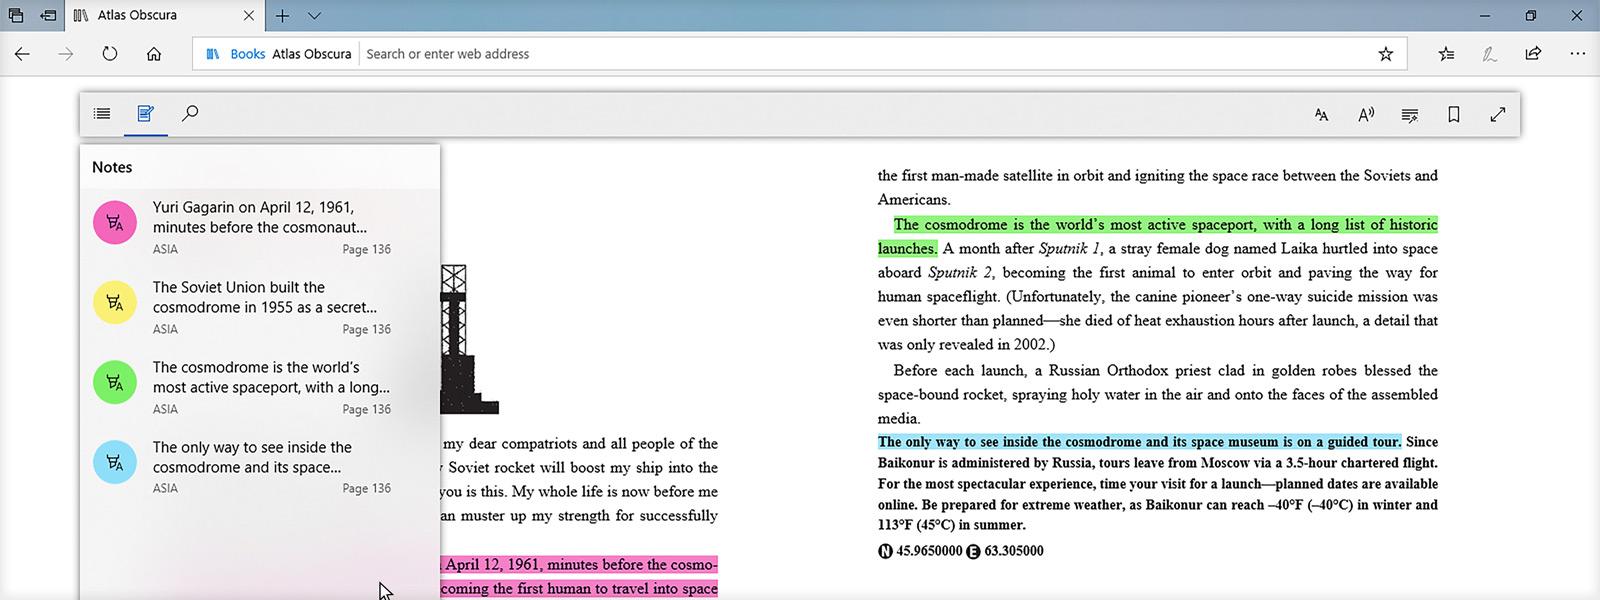 Imagem mostrando o realce de texto ao ler livros no Microsoft Edge